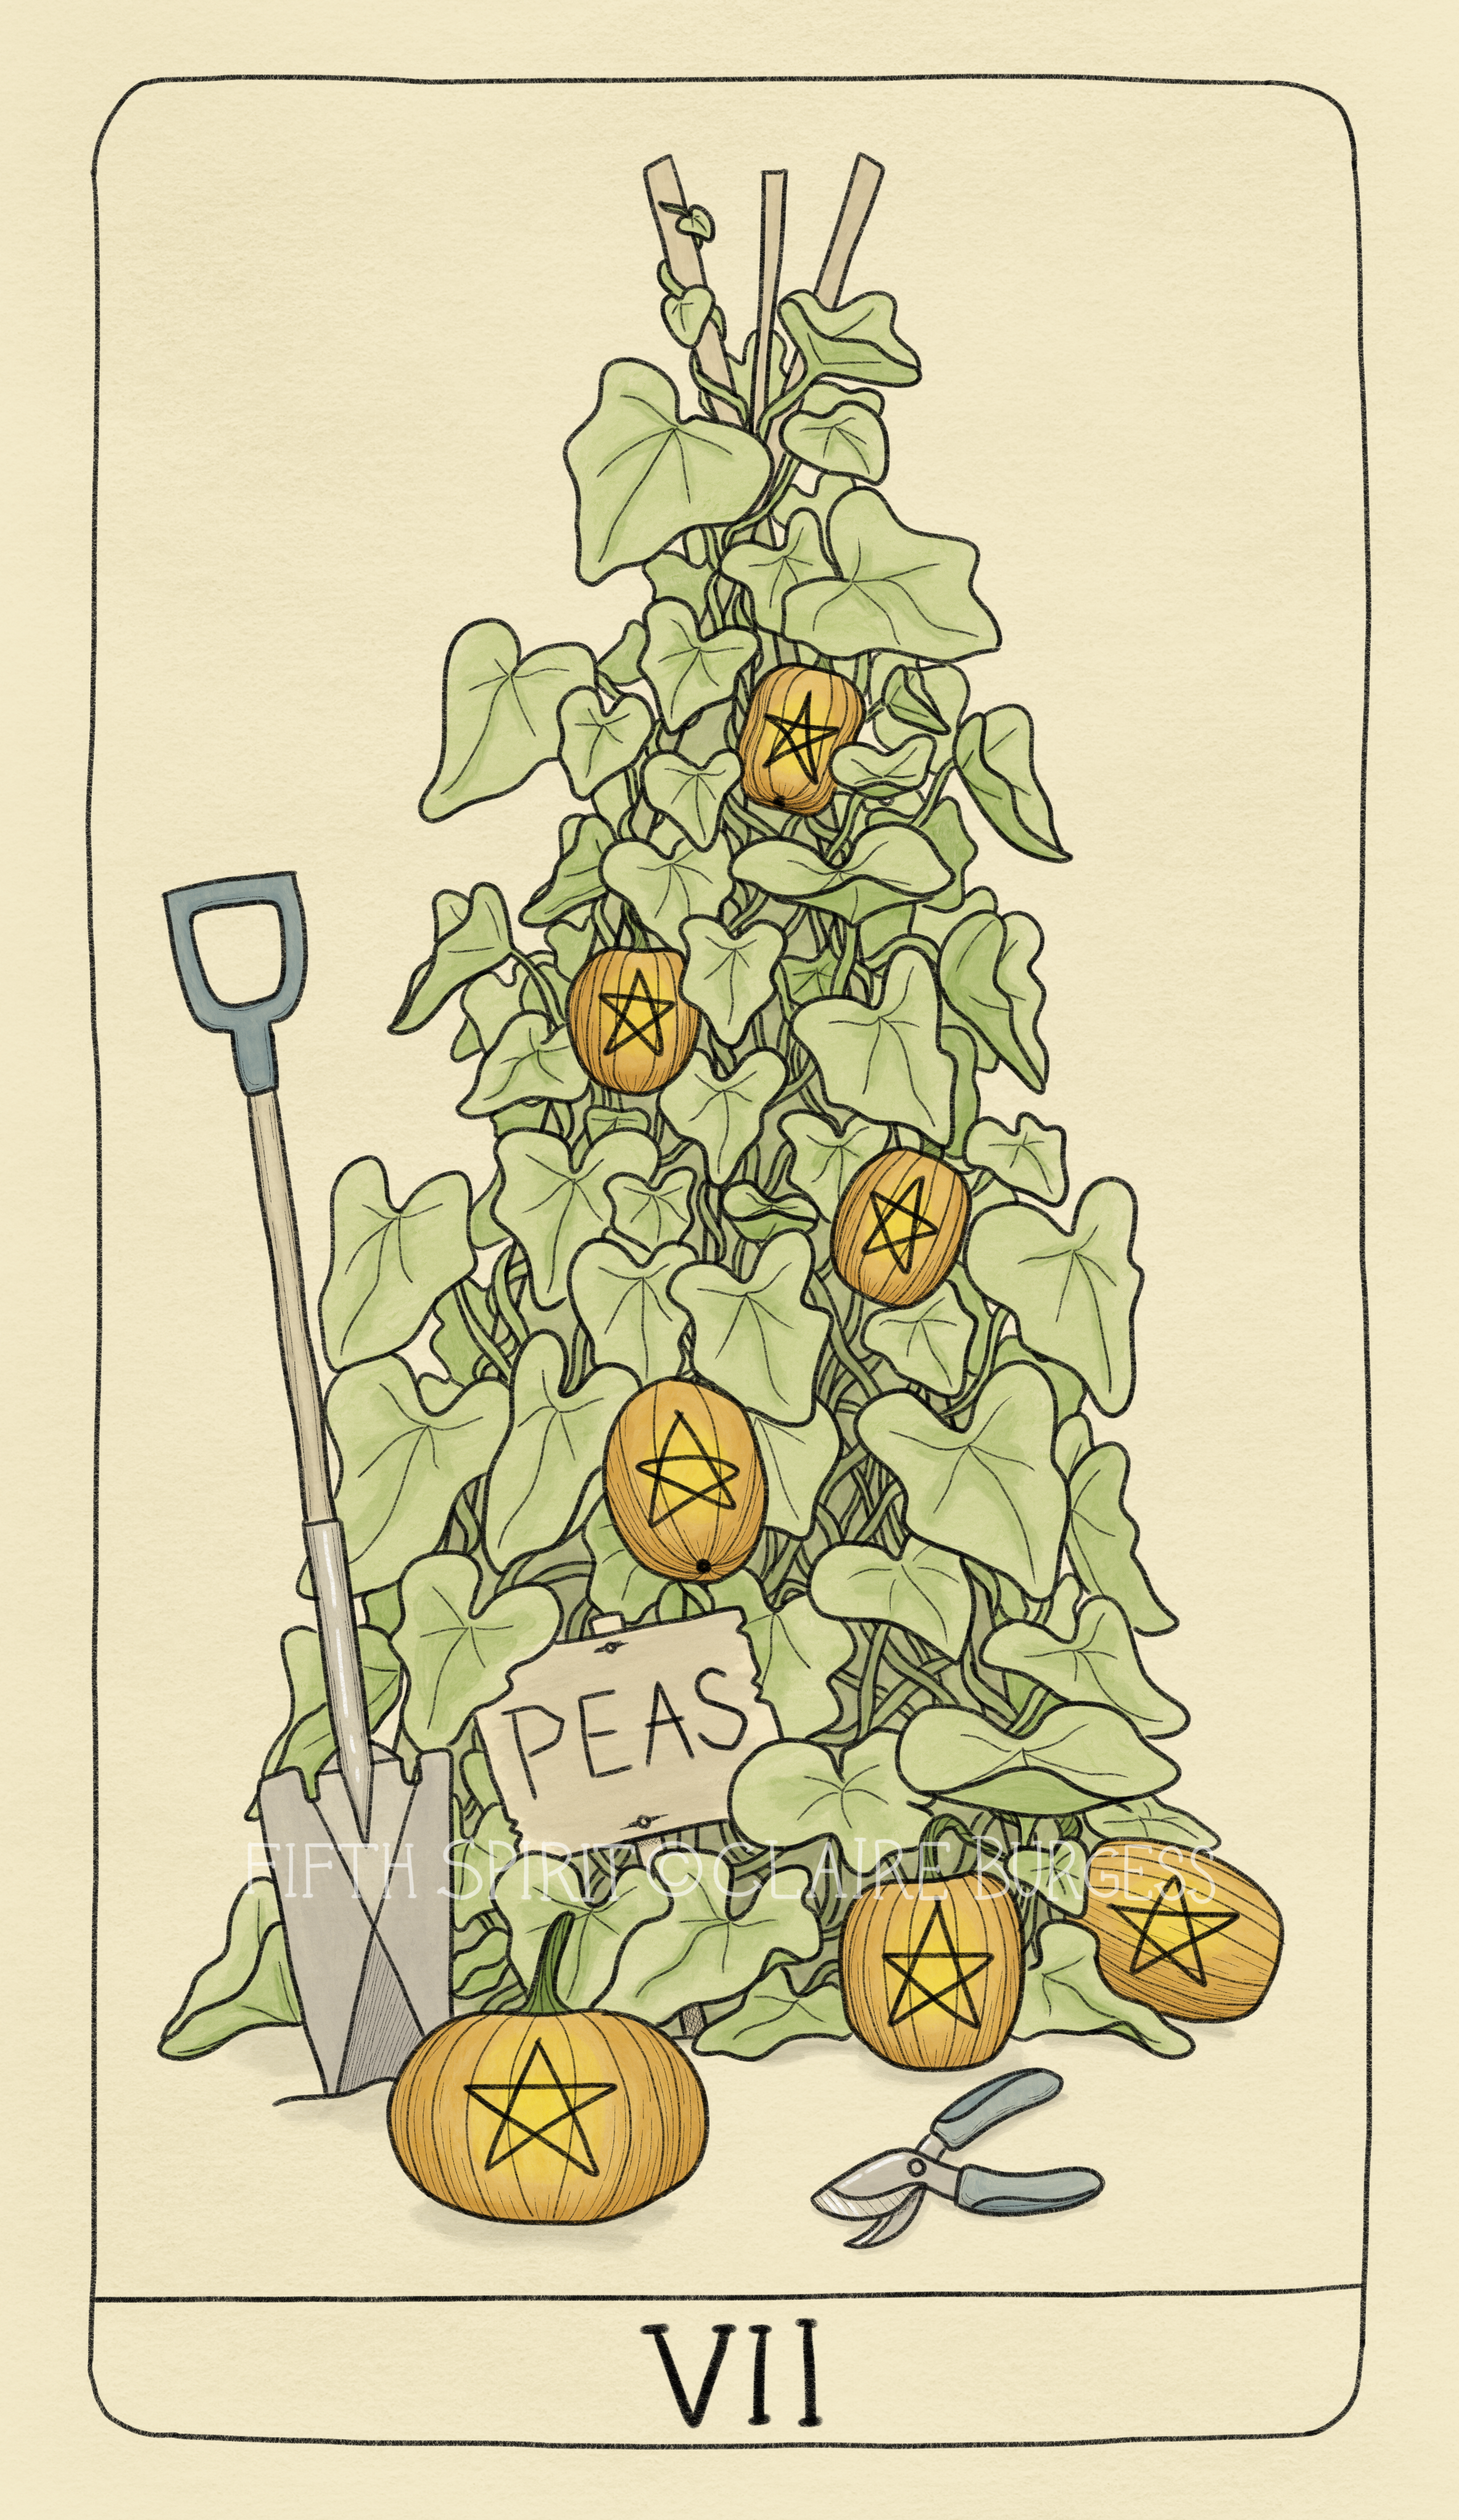 7 of Pentacles Fifth Spirit Tarot